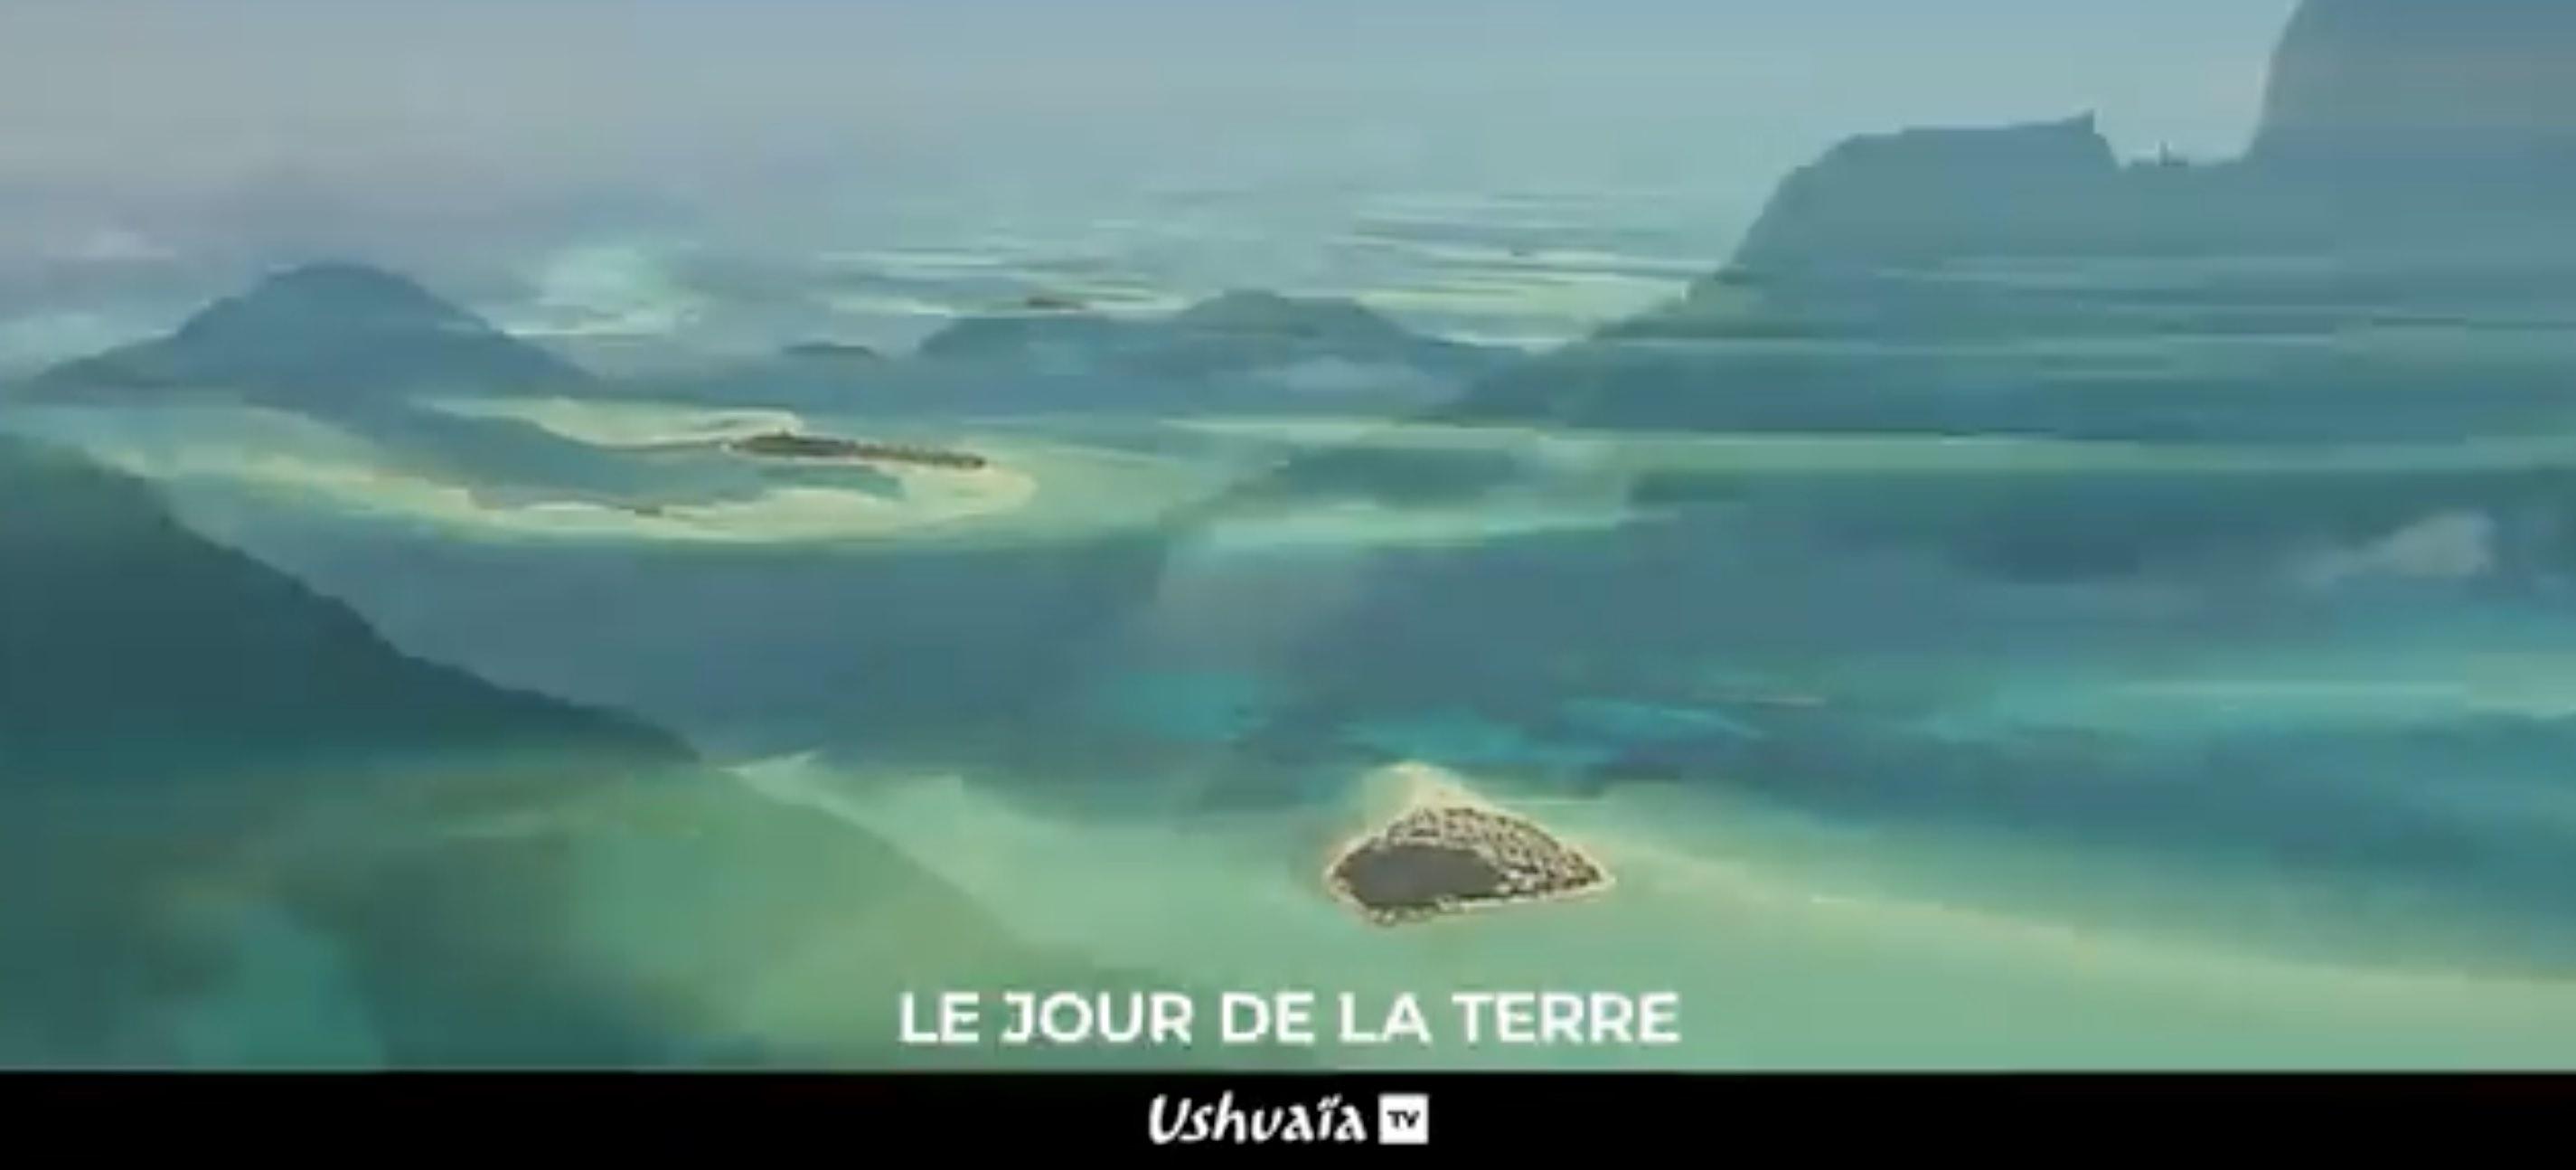 Ushuaïa TV - Jour de la terre - écologie -